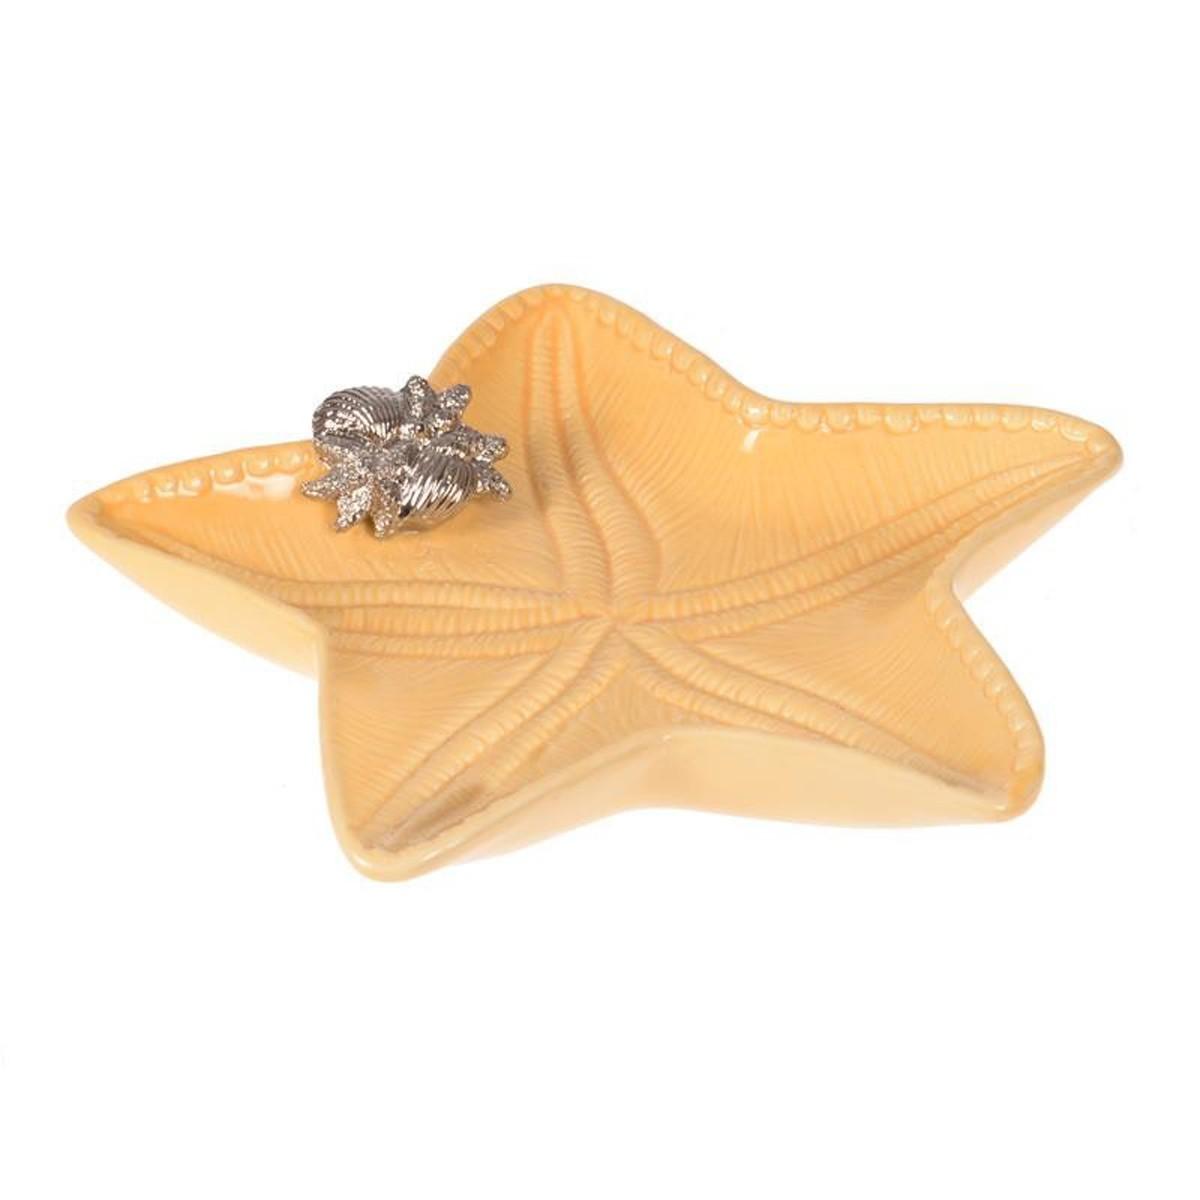 Πιατέλα Διακόσμησης InArt Starfish 4-70-146-0045 55722